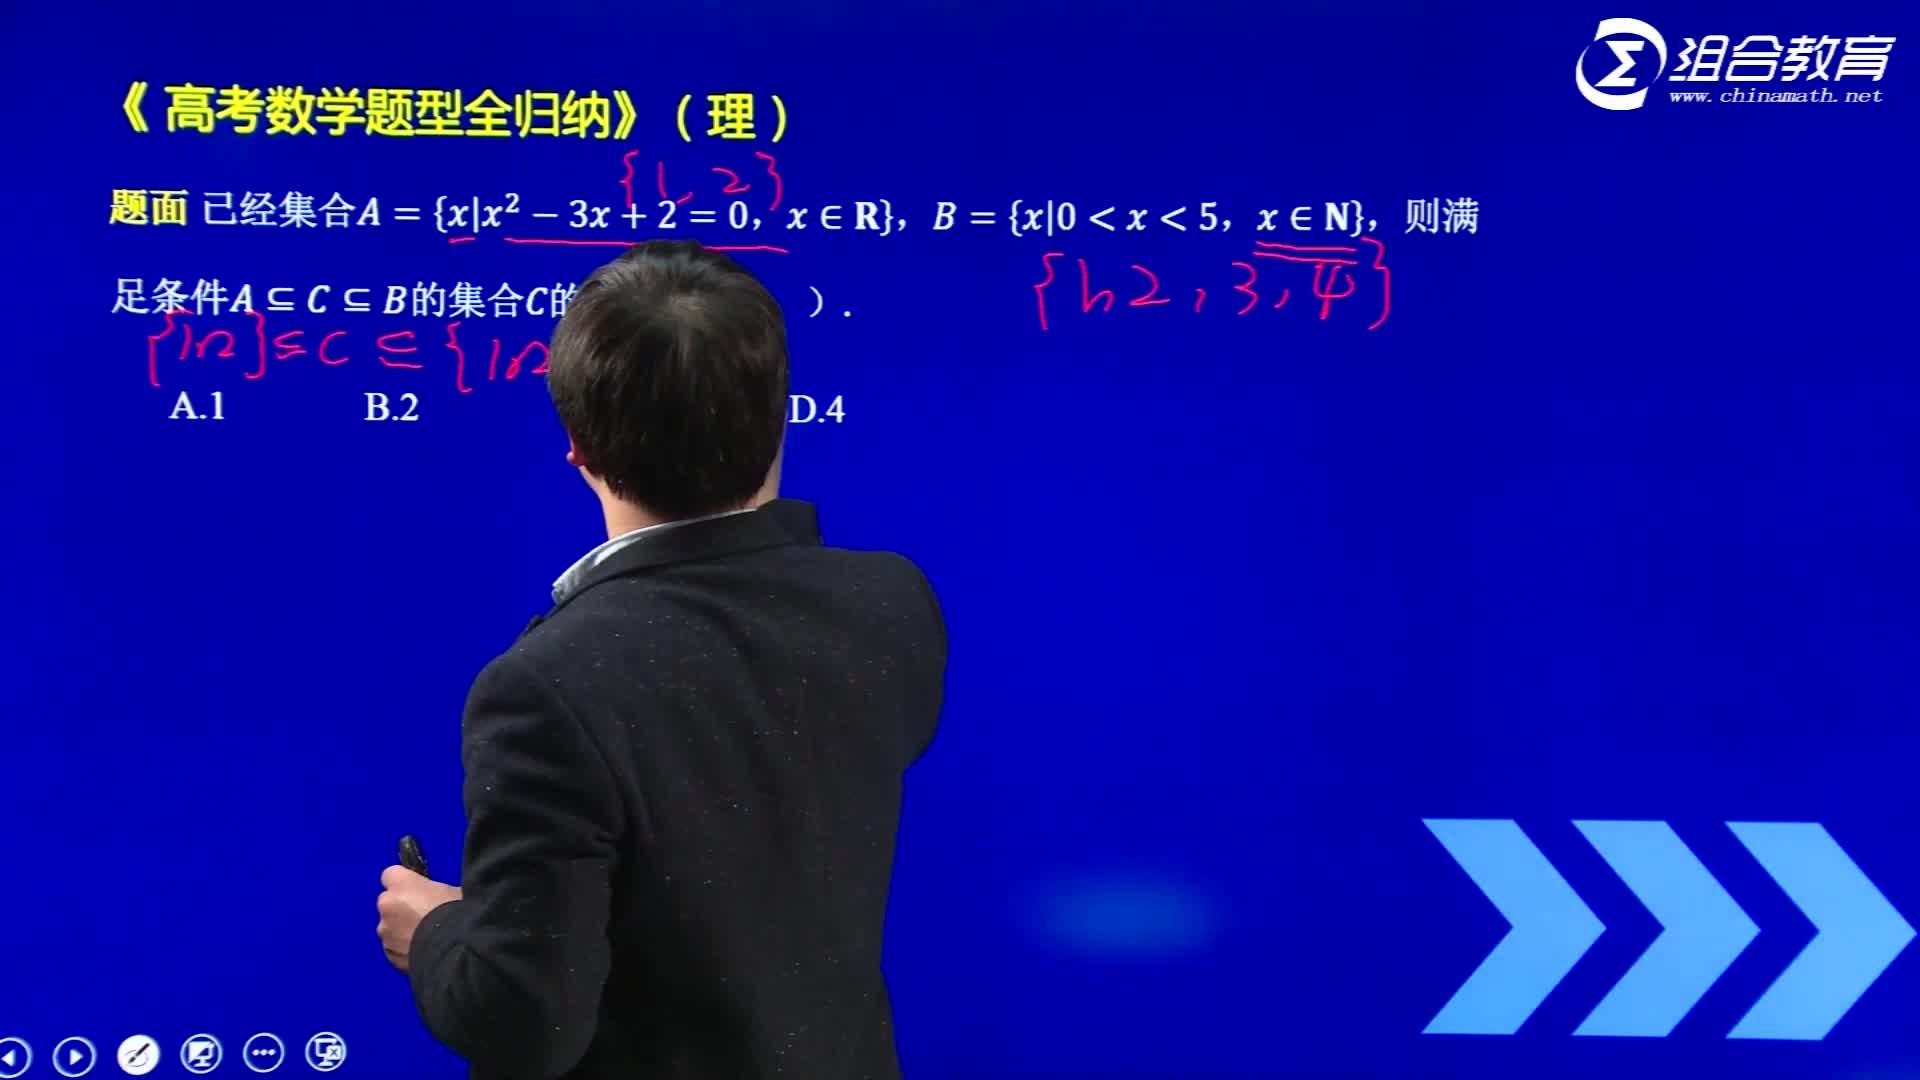 视频01 集合与常用逻辑用语(八)-【洞穿高考】2020版高考理科数学题型全归纳